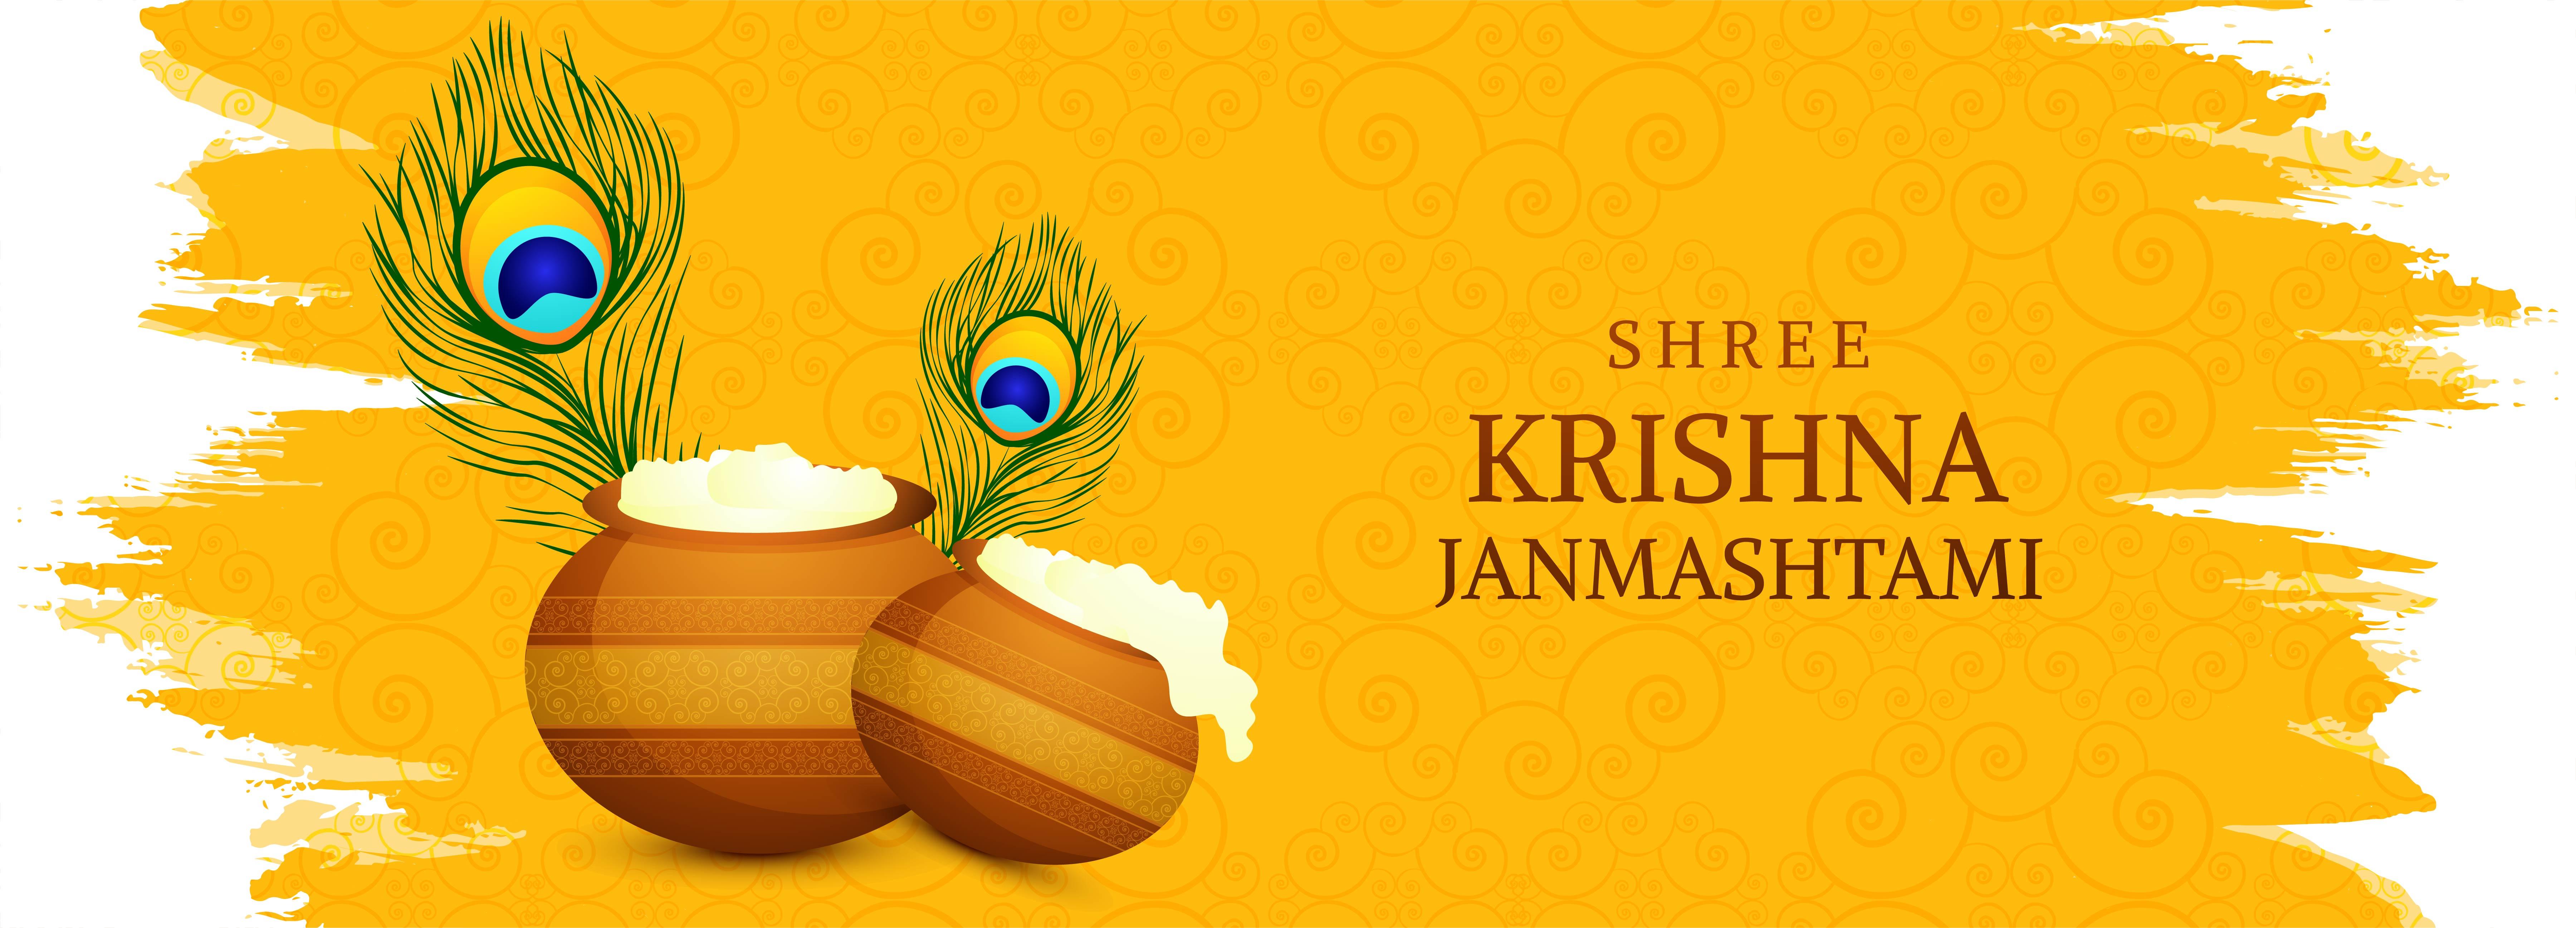 feliz tarjeta krishna janmashtami con banner de plumas y macetas